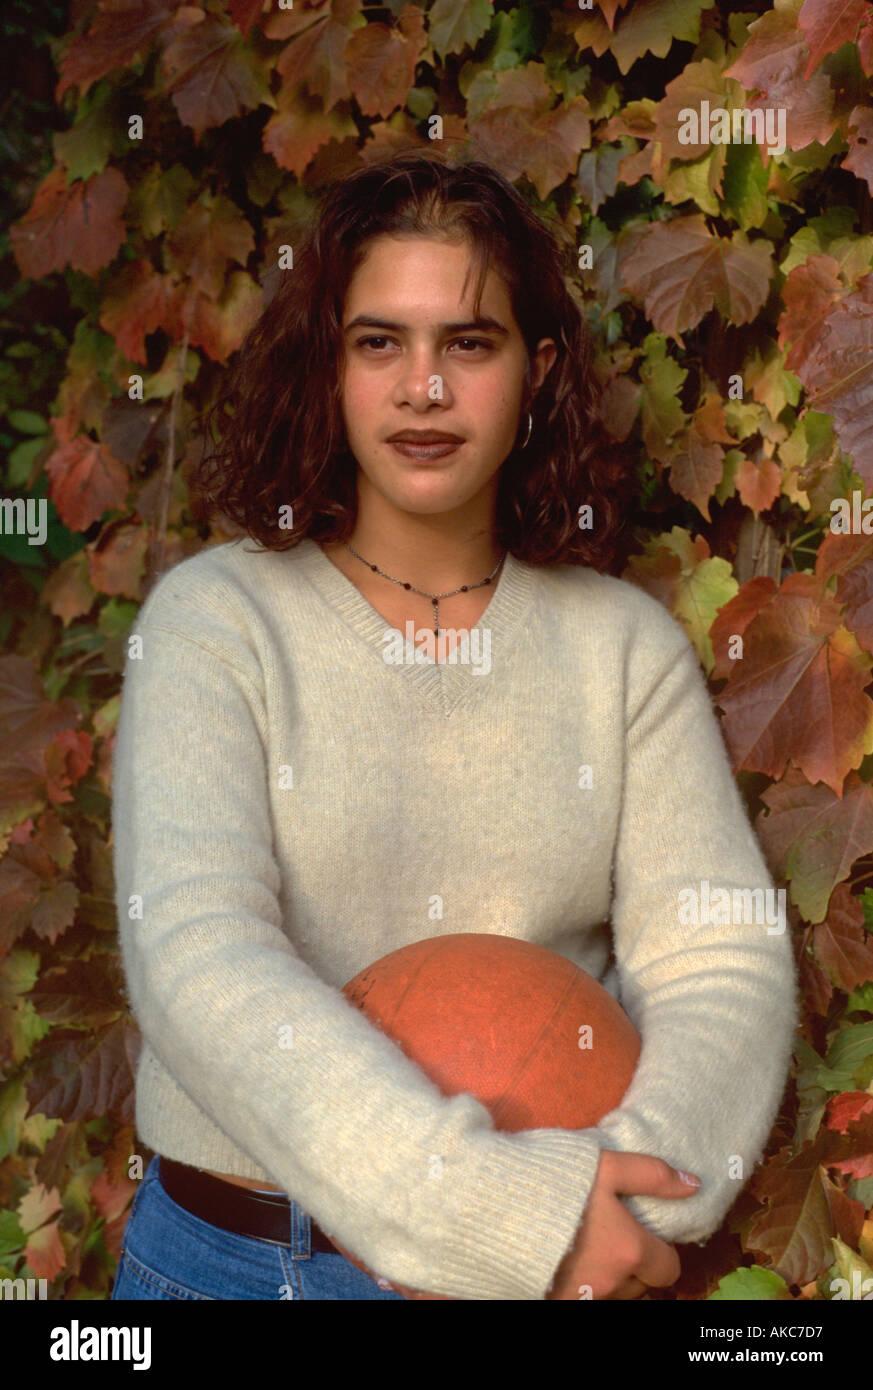 American Teen: Tongan Woman Stock Photos & Tongan Woman Stock Images